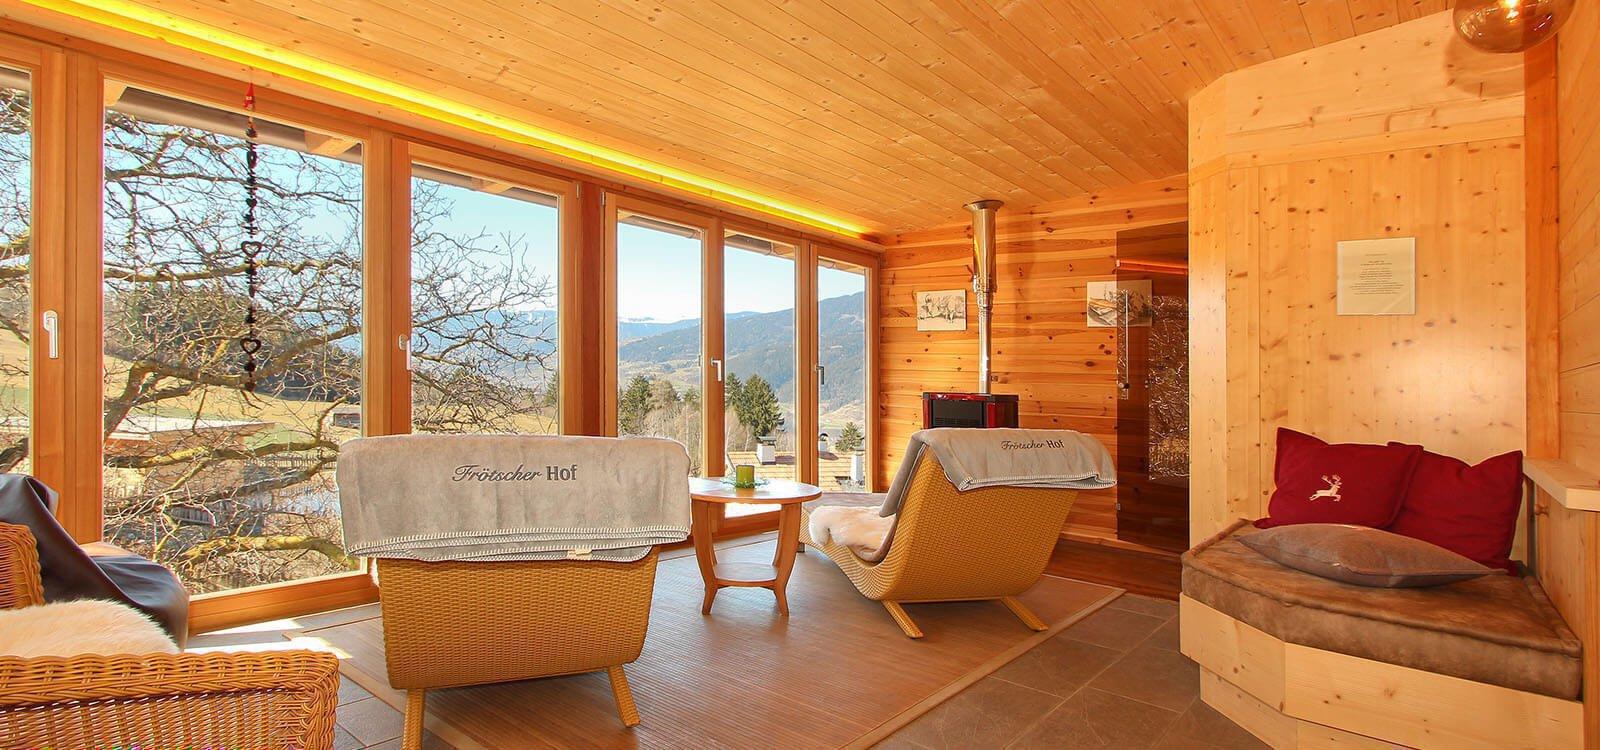 froetscherhof-meluno-sauna-bressanone-03